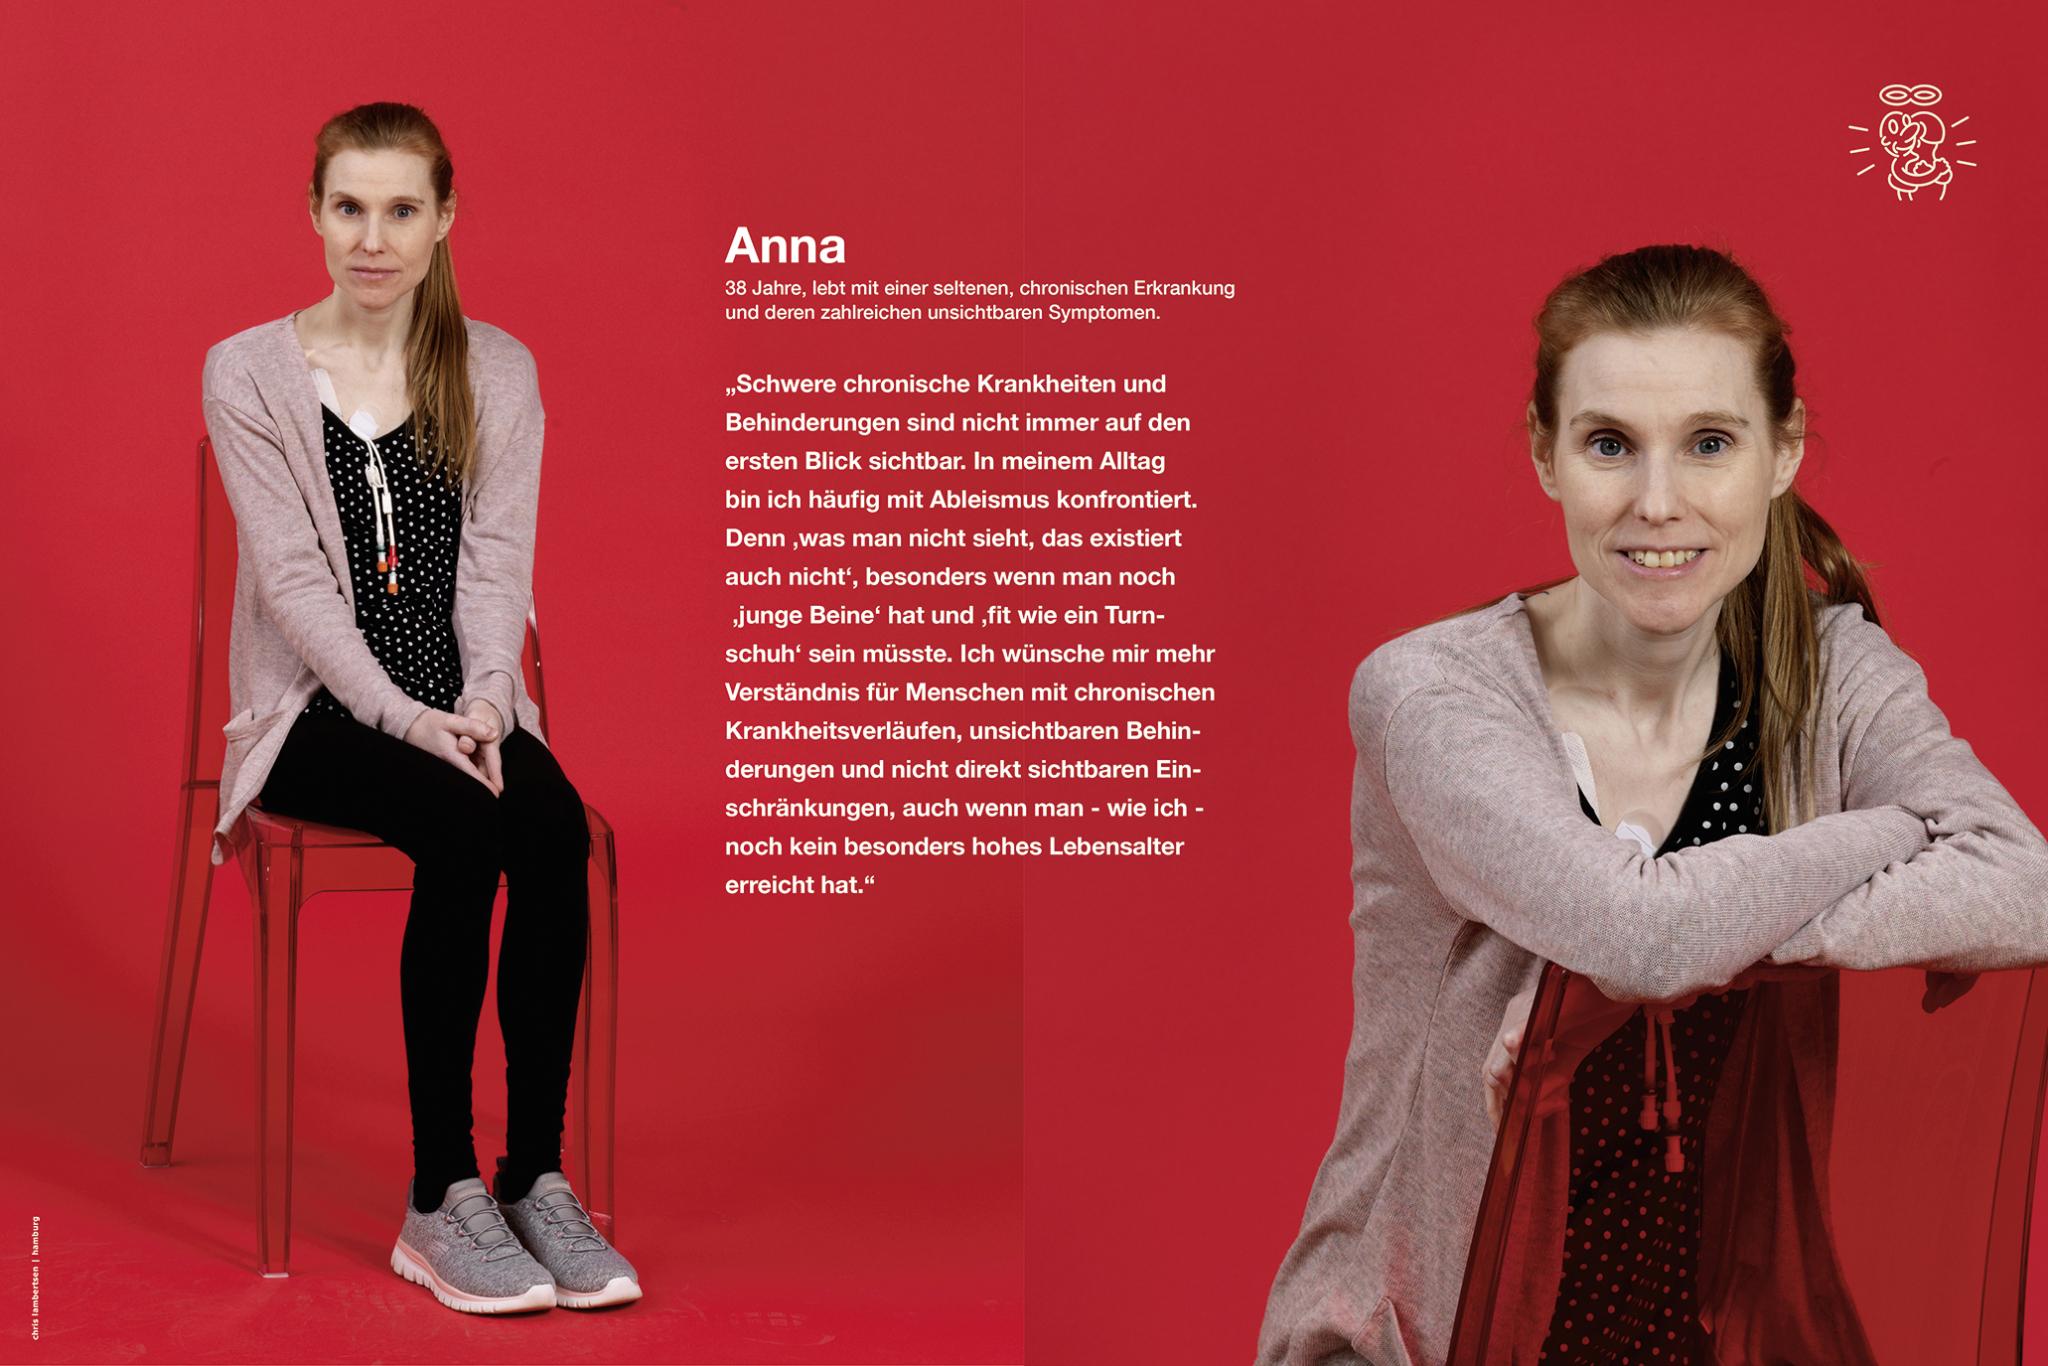 Anna_Fotoausstellung soziale Nachhaltigkeit